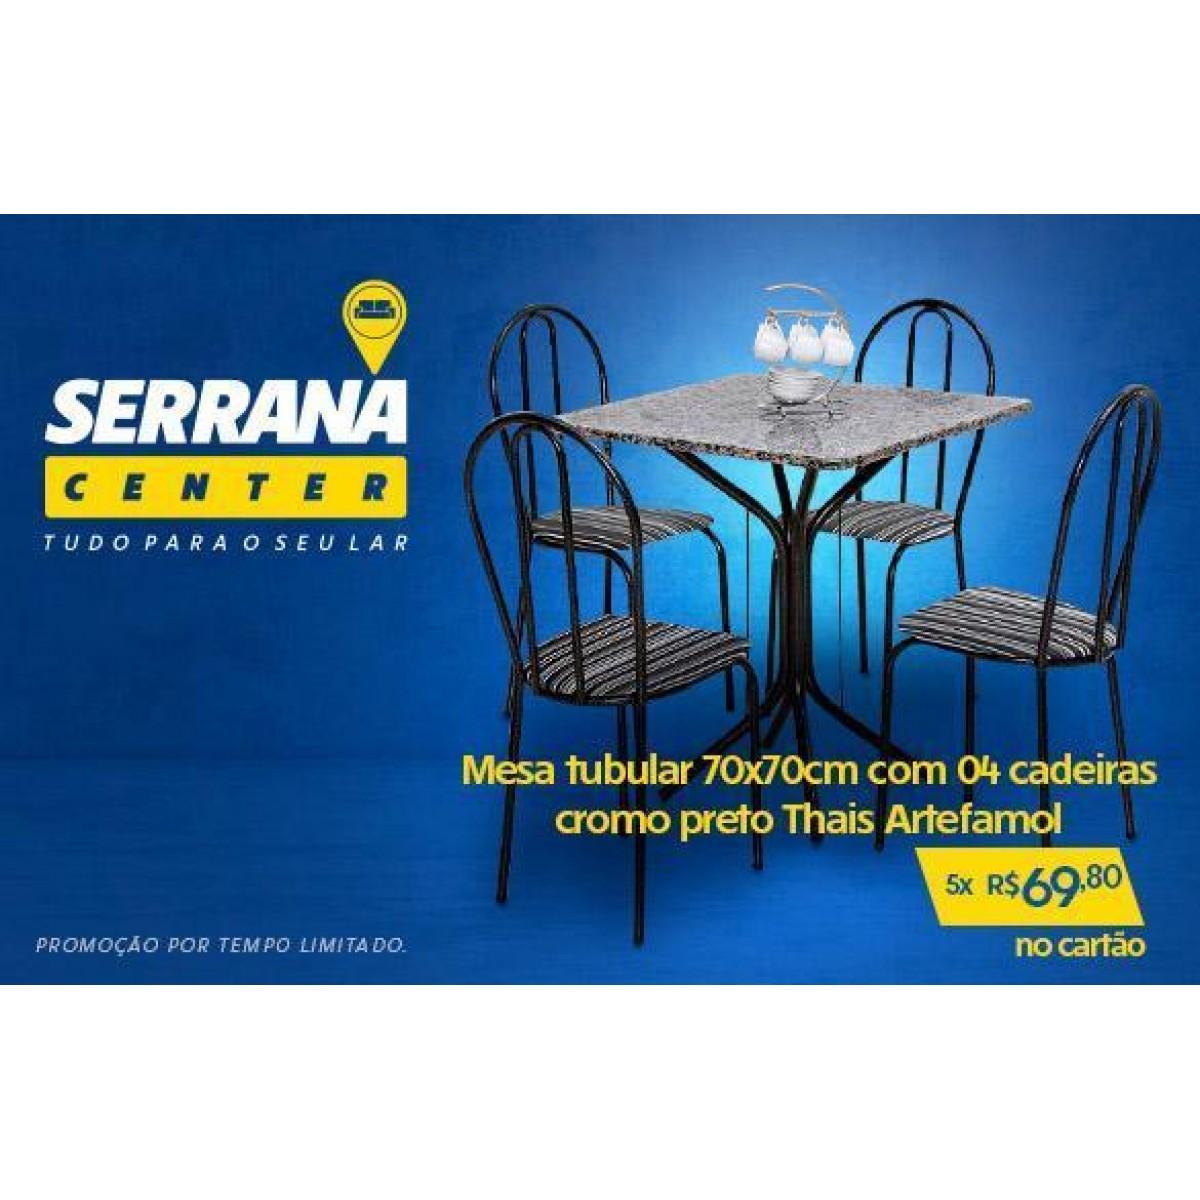 d84e0cd41d Móveis e Decoração - Loja Serrana Center - Tudo para o seu lar!